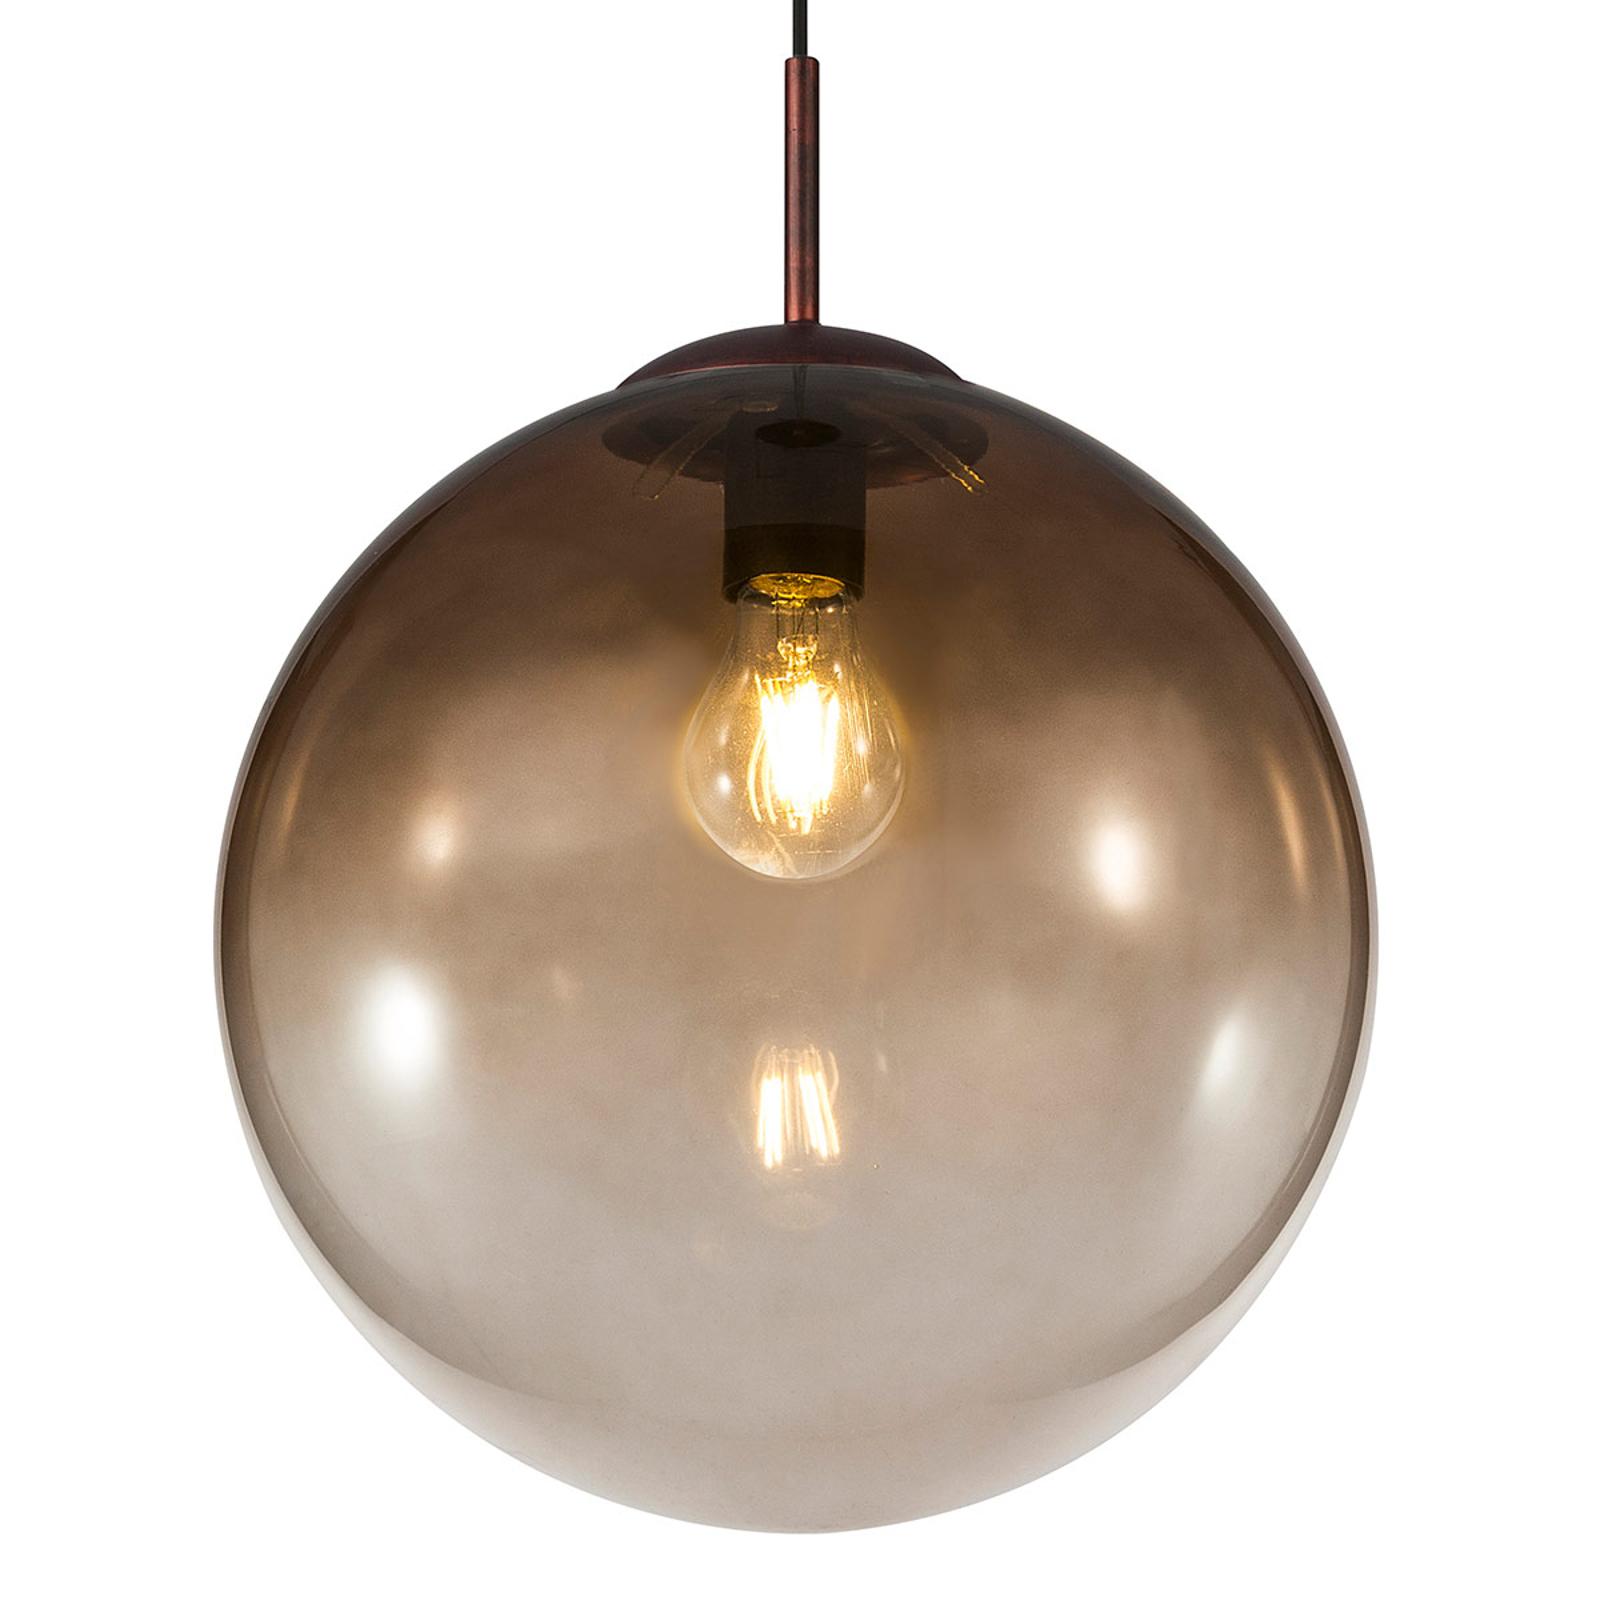 Szklana lampa wisząca Varus bursztyn Ø 33 cm